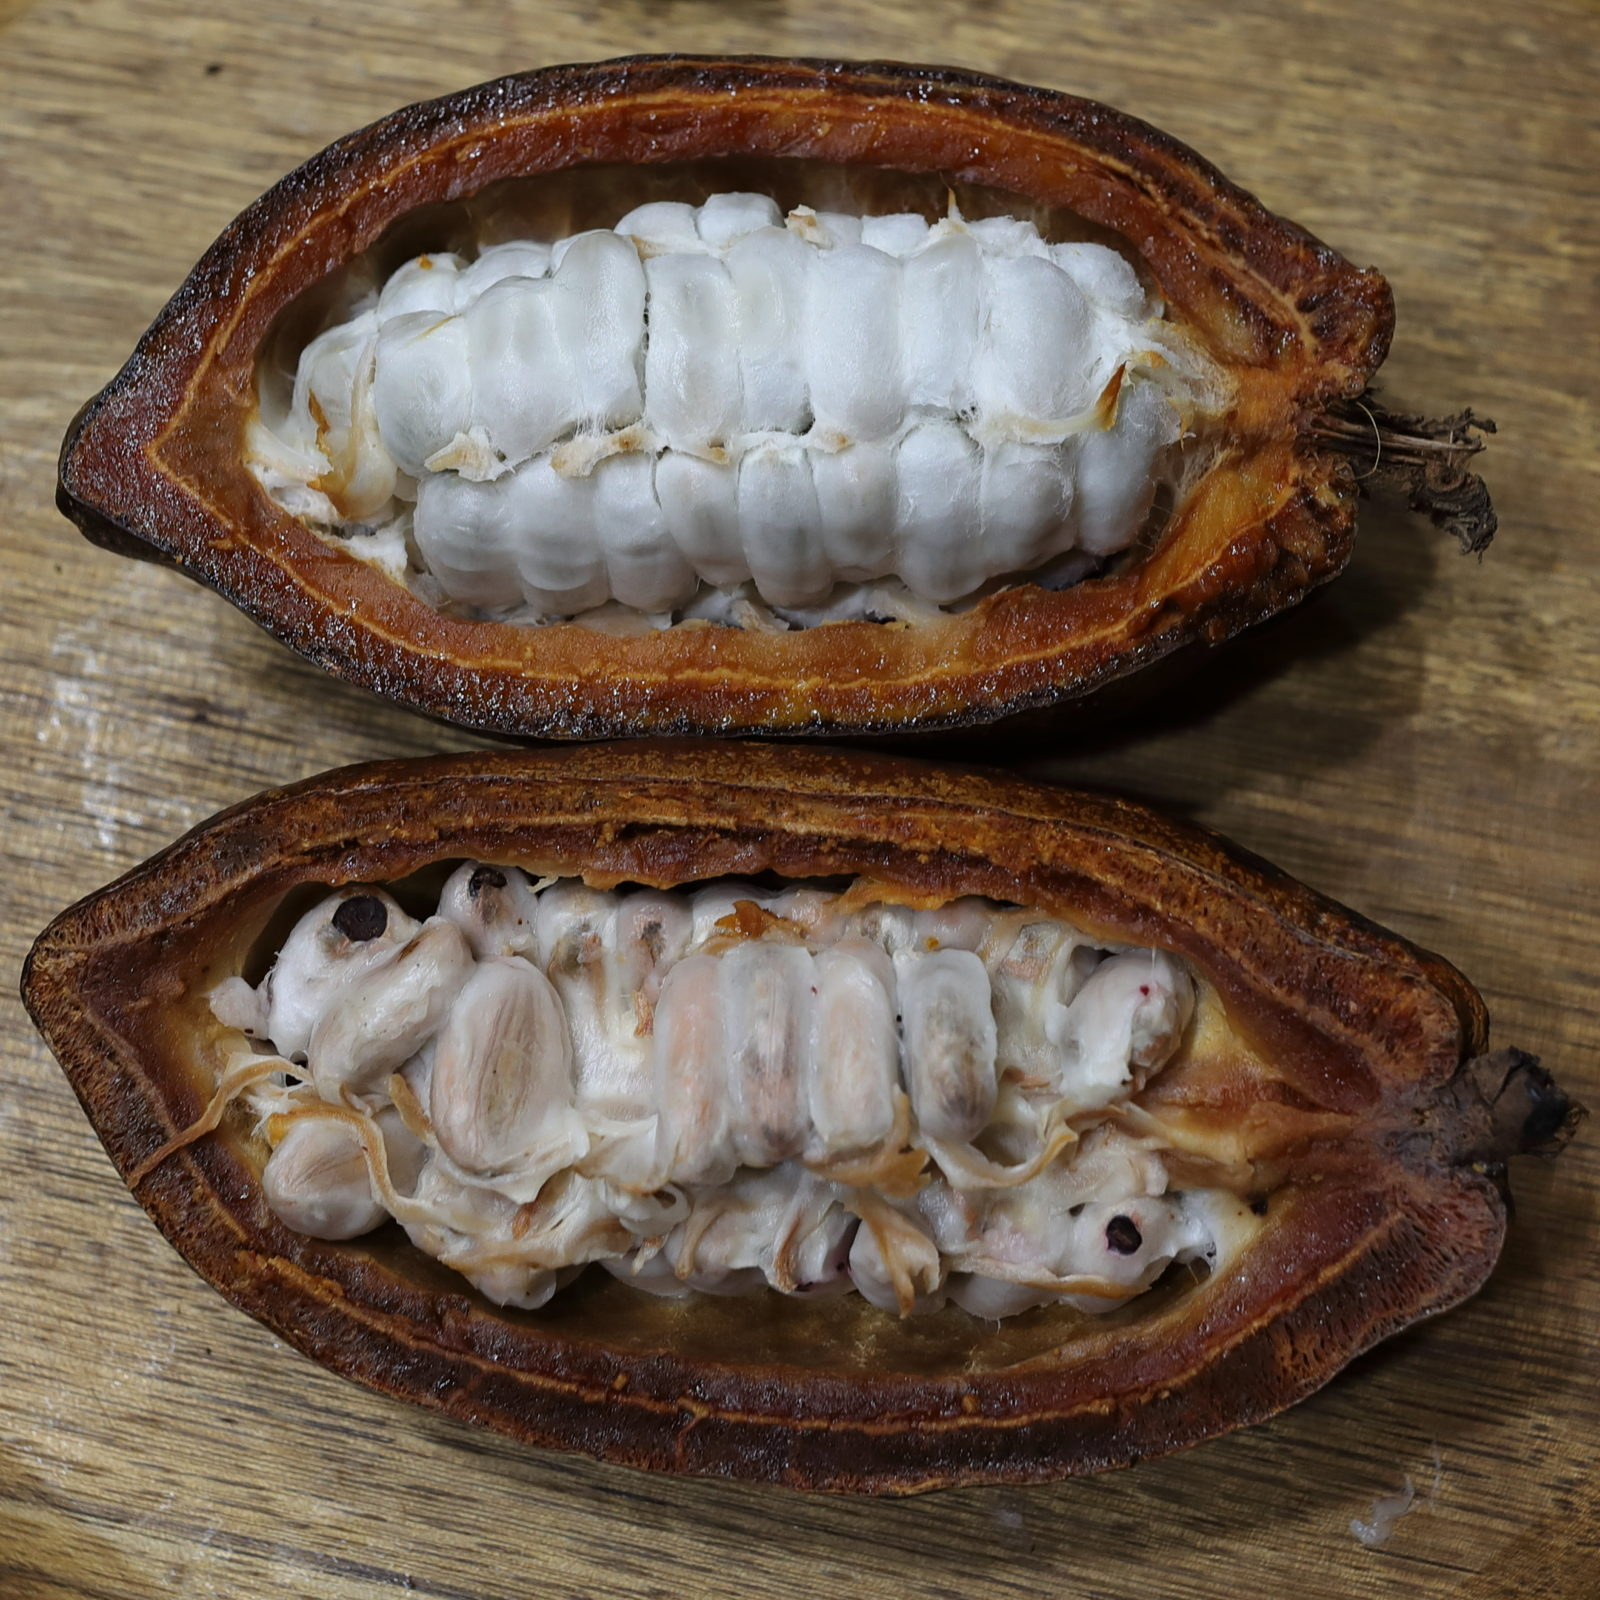 Chronique des matières premières agricoles: Le cacao au 28 mai 2020